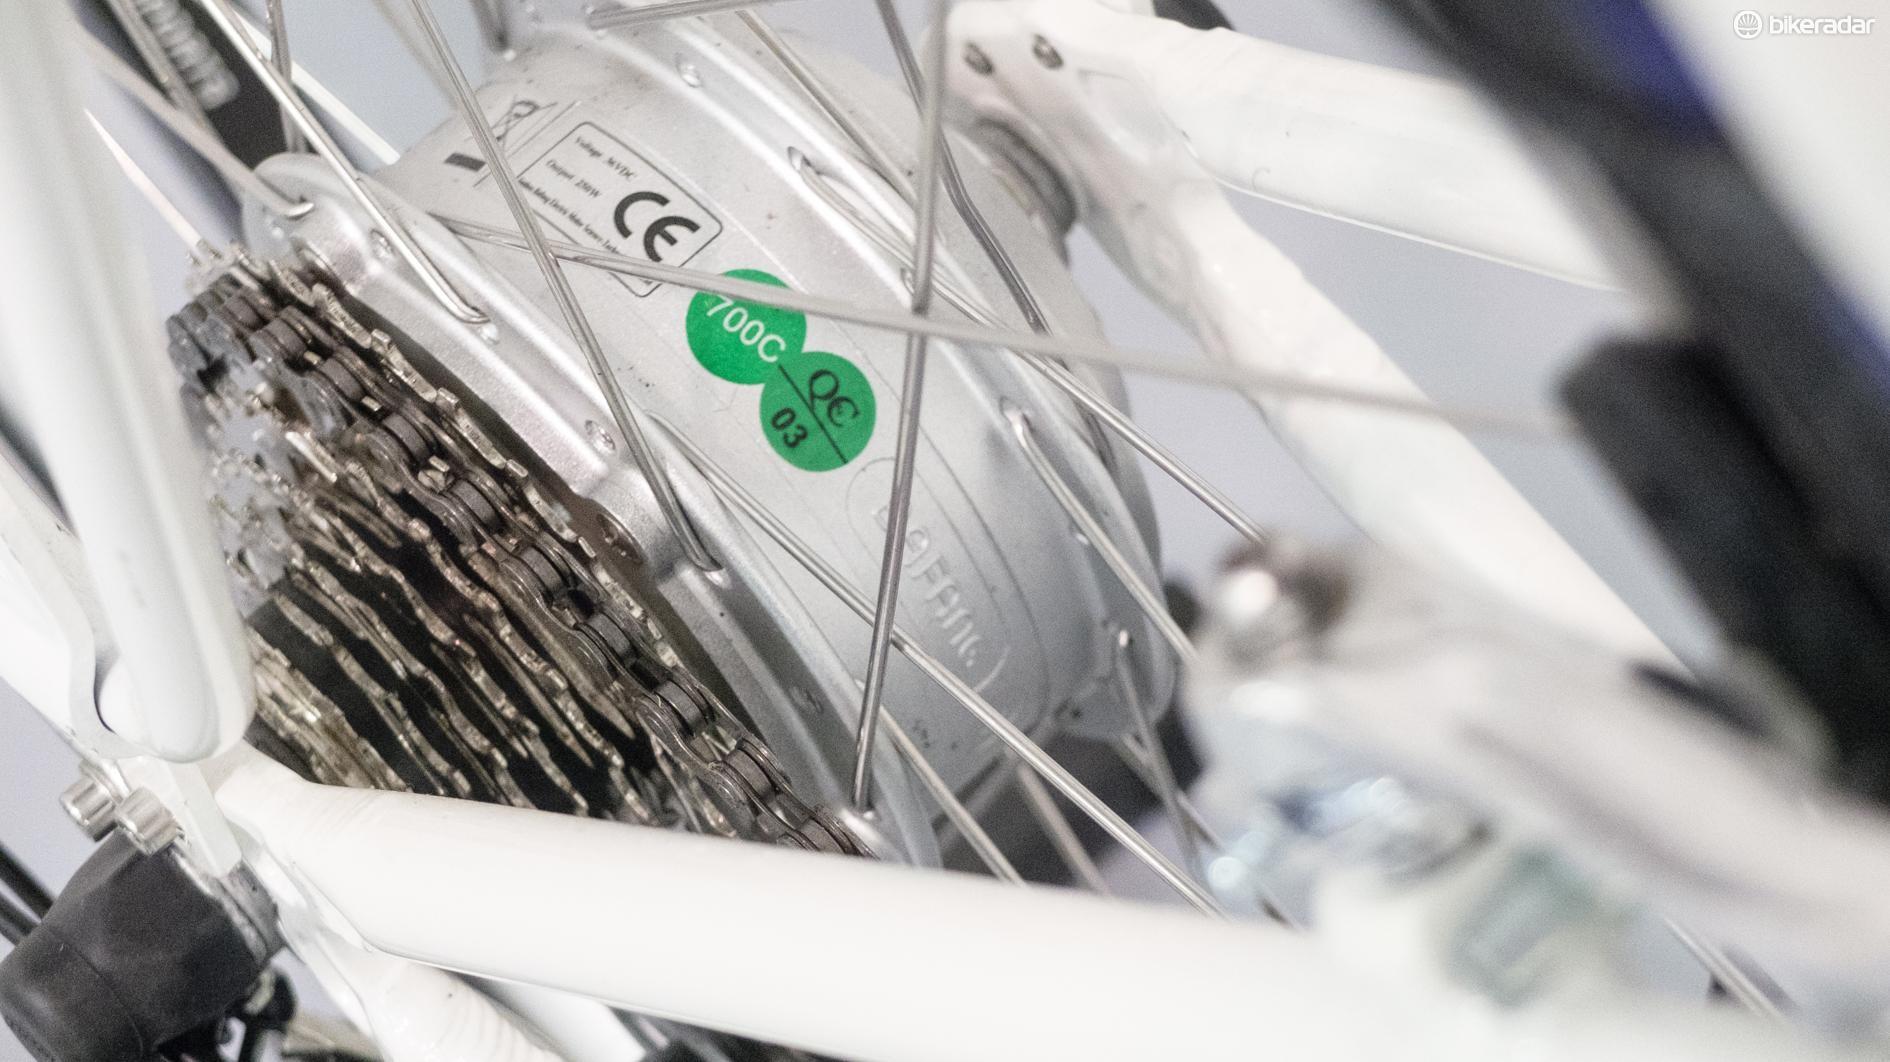 Bafang supplies the 'e' bit of the bike